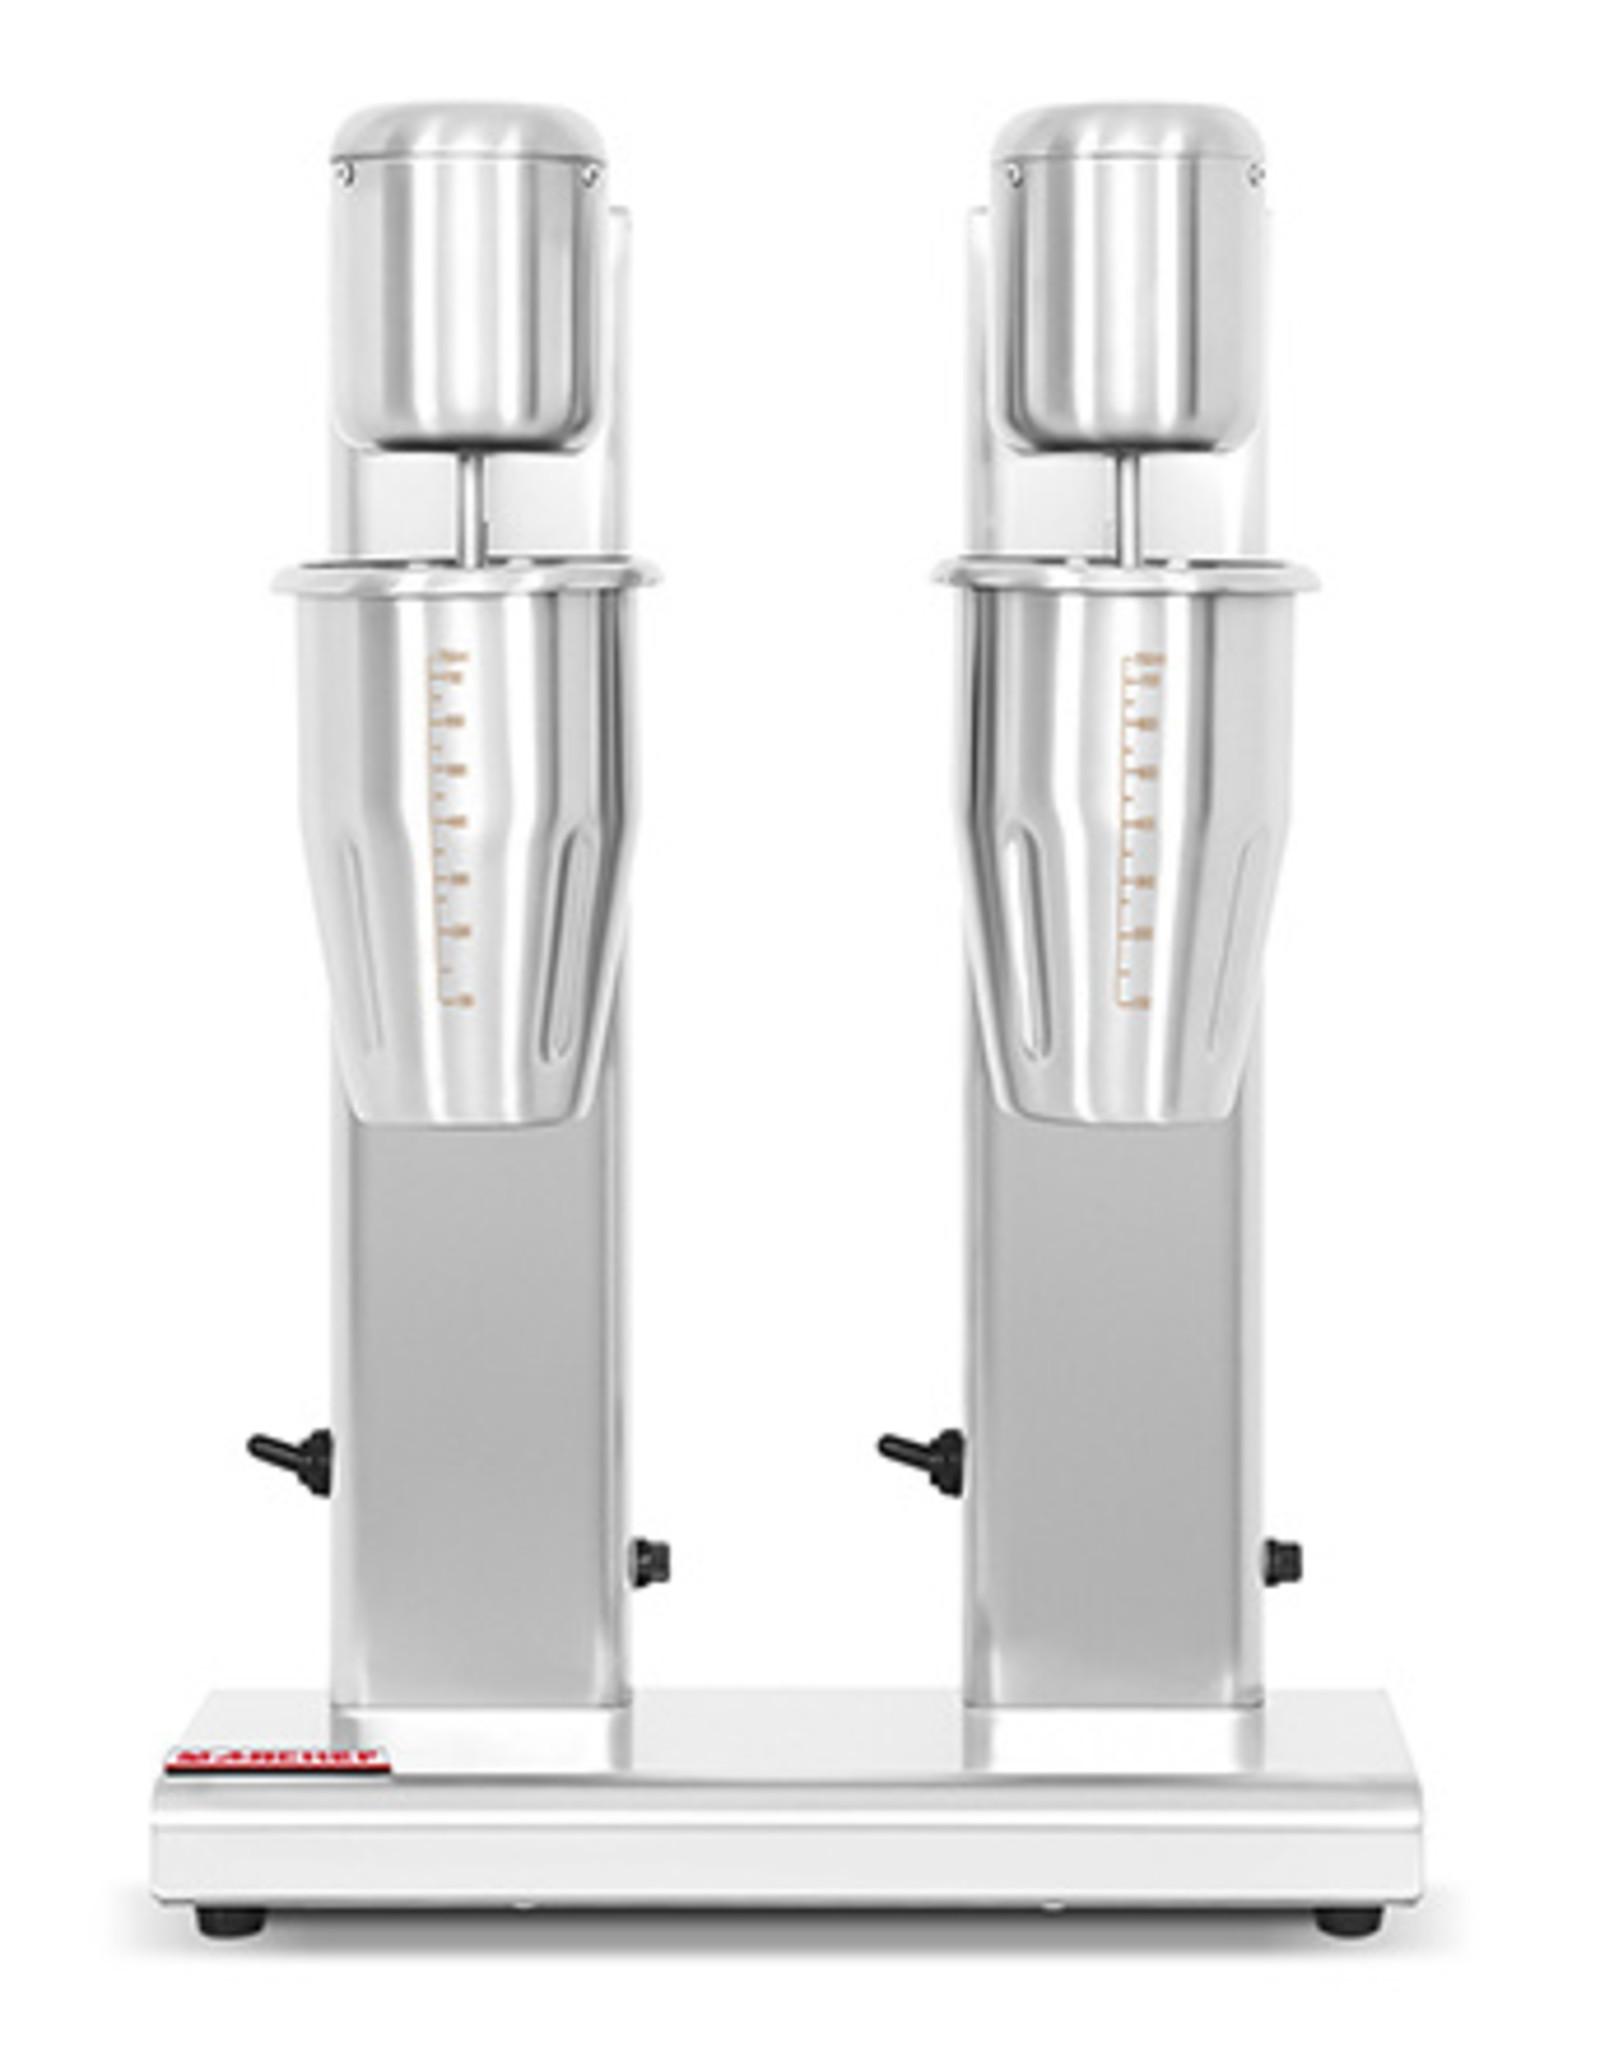 Q-Gastro Q-Gastro Milkshaker / Drink mixer Dubbele Beker - 2 Snelheden  (Nieuw)